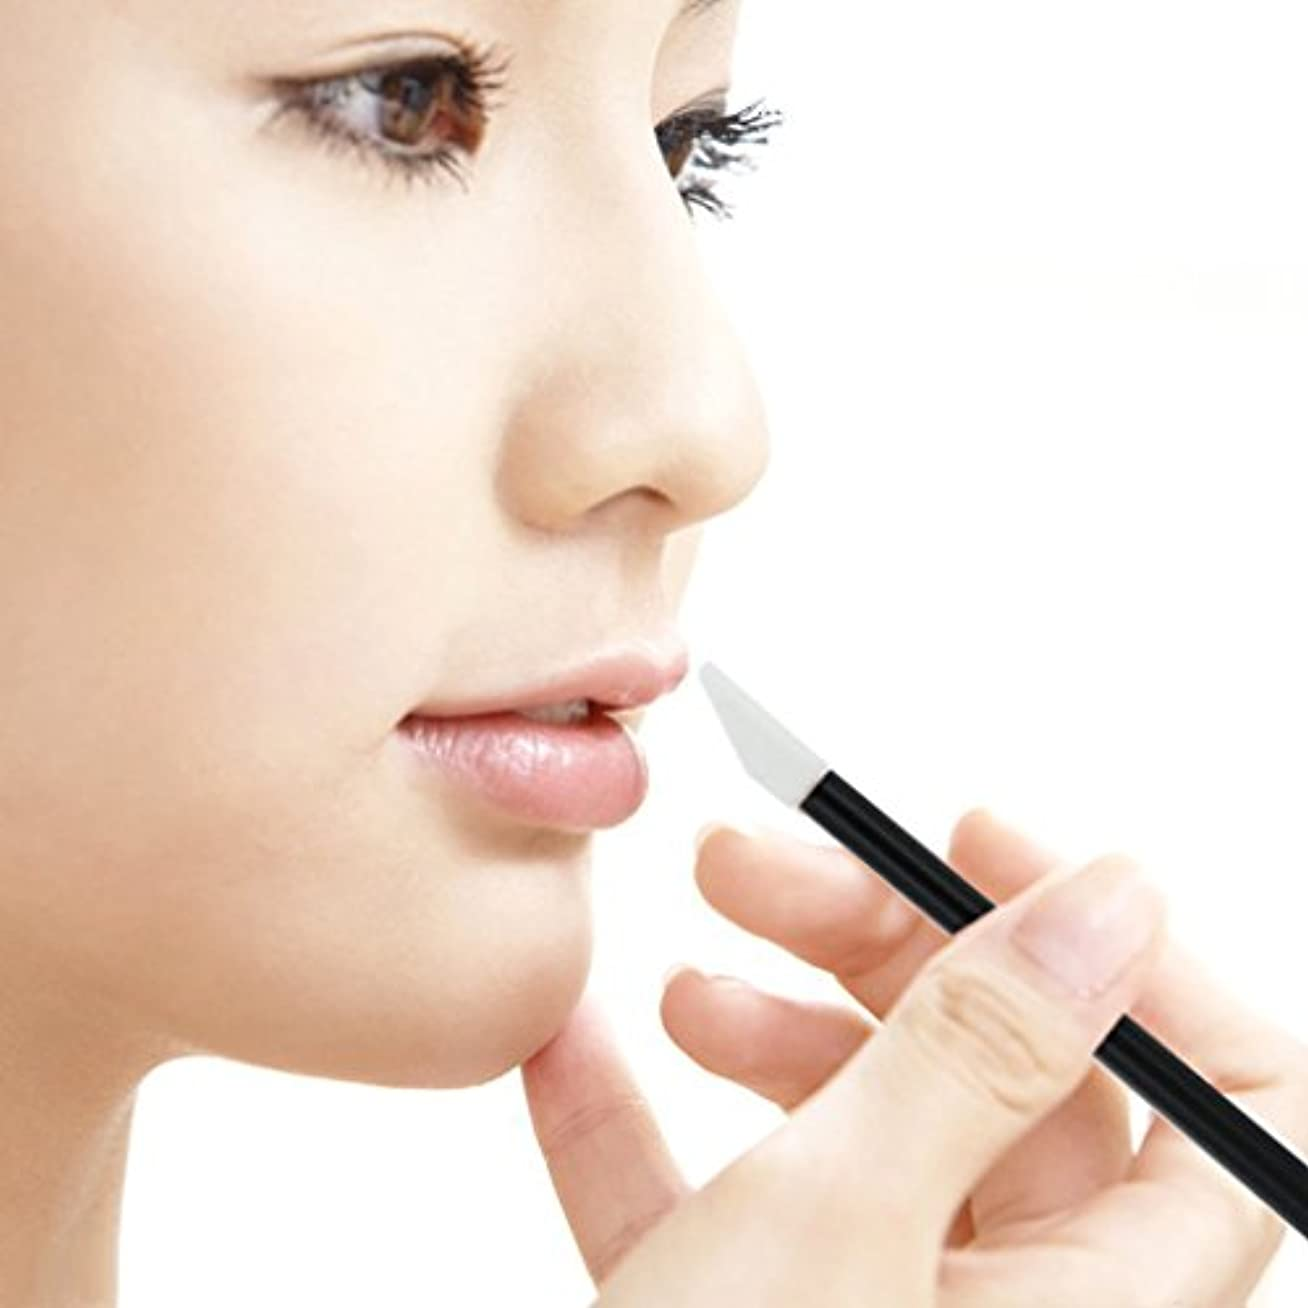 介入する確立しますマエストロZafina リップブラシ 使い捨て 便利 化粧用品 メイクアップ  化粧ブラシ50本セット  (ブラック)